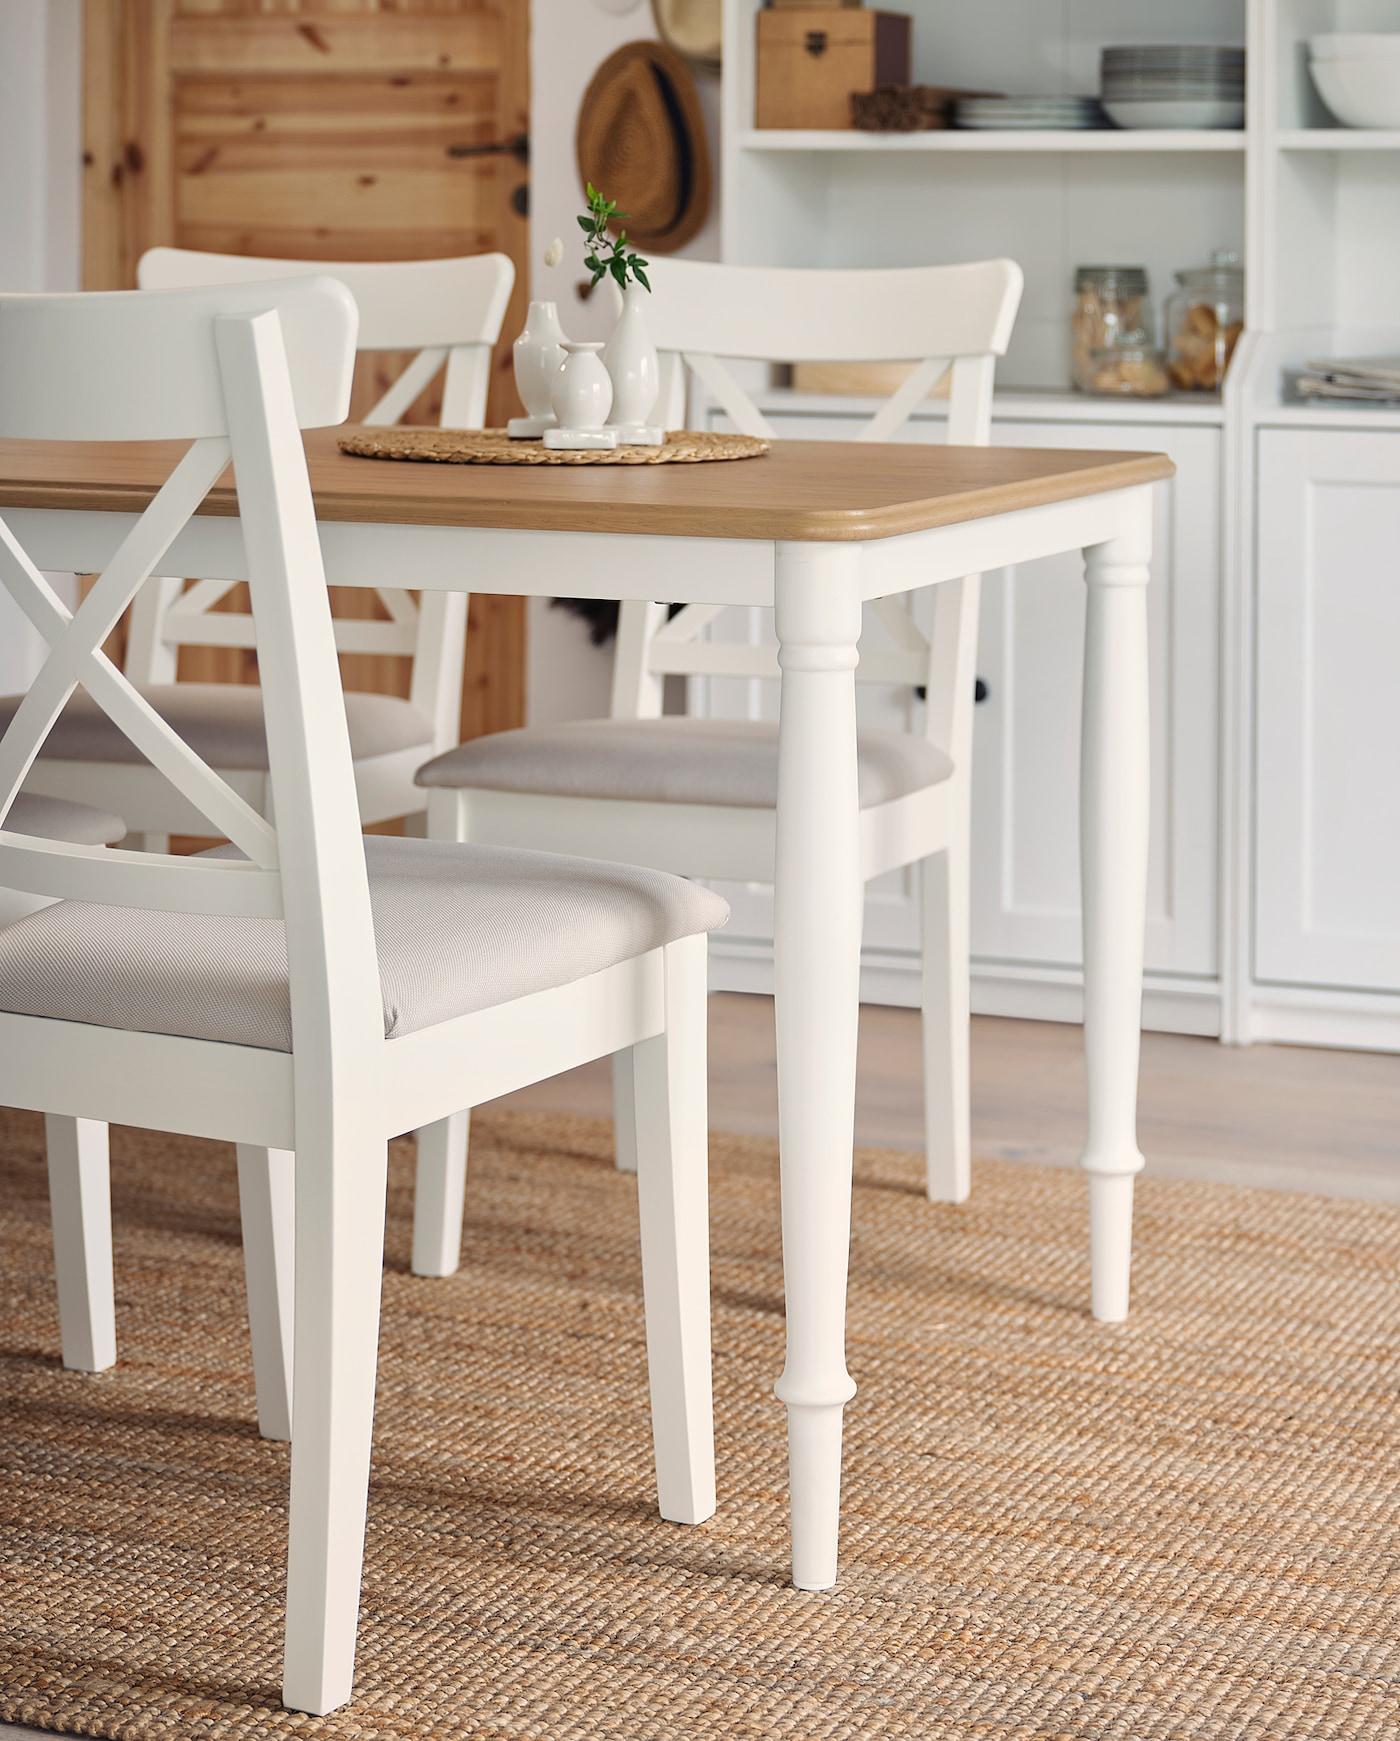 IKEA INGOLF para ni/ños con dise/ño de silla alta de madera en colour blanco; De madera maciza